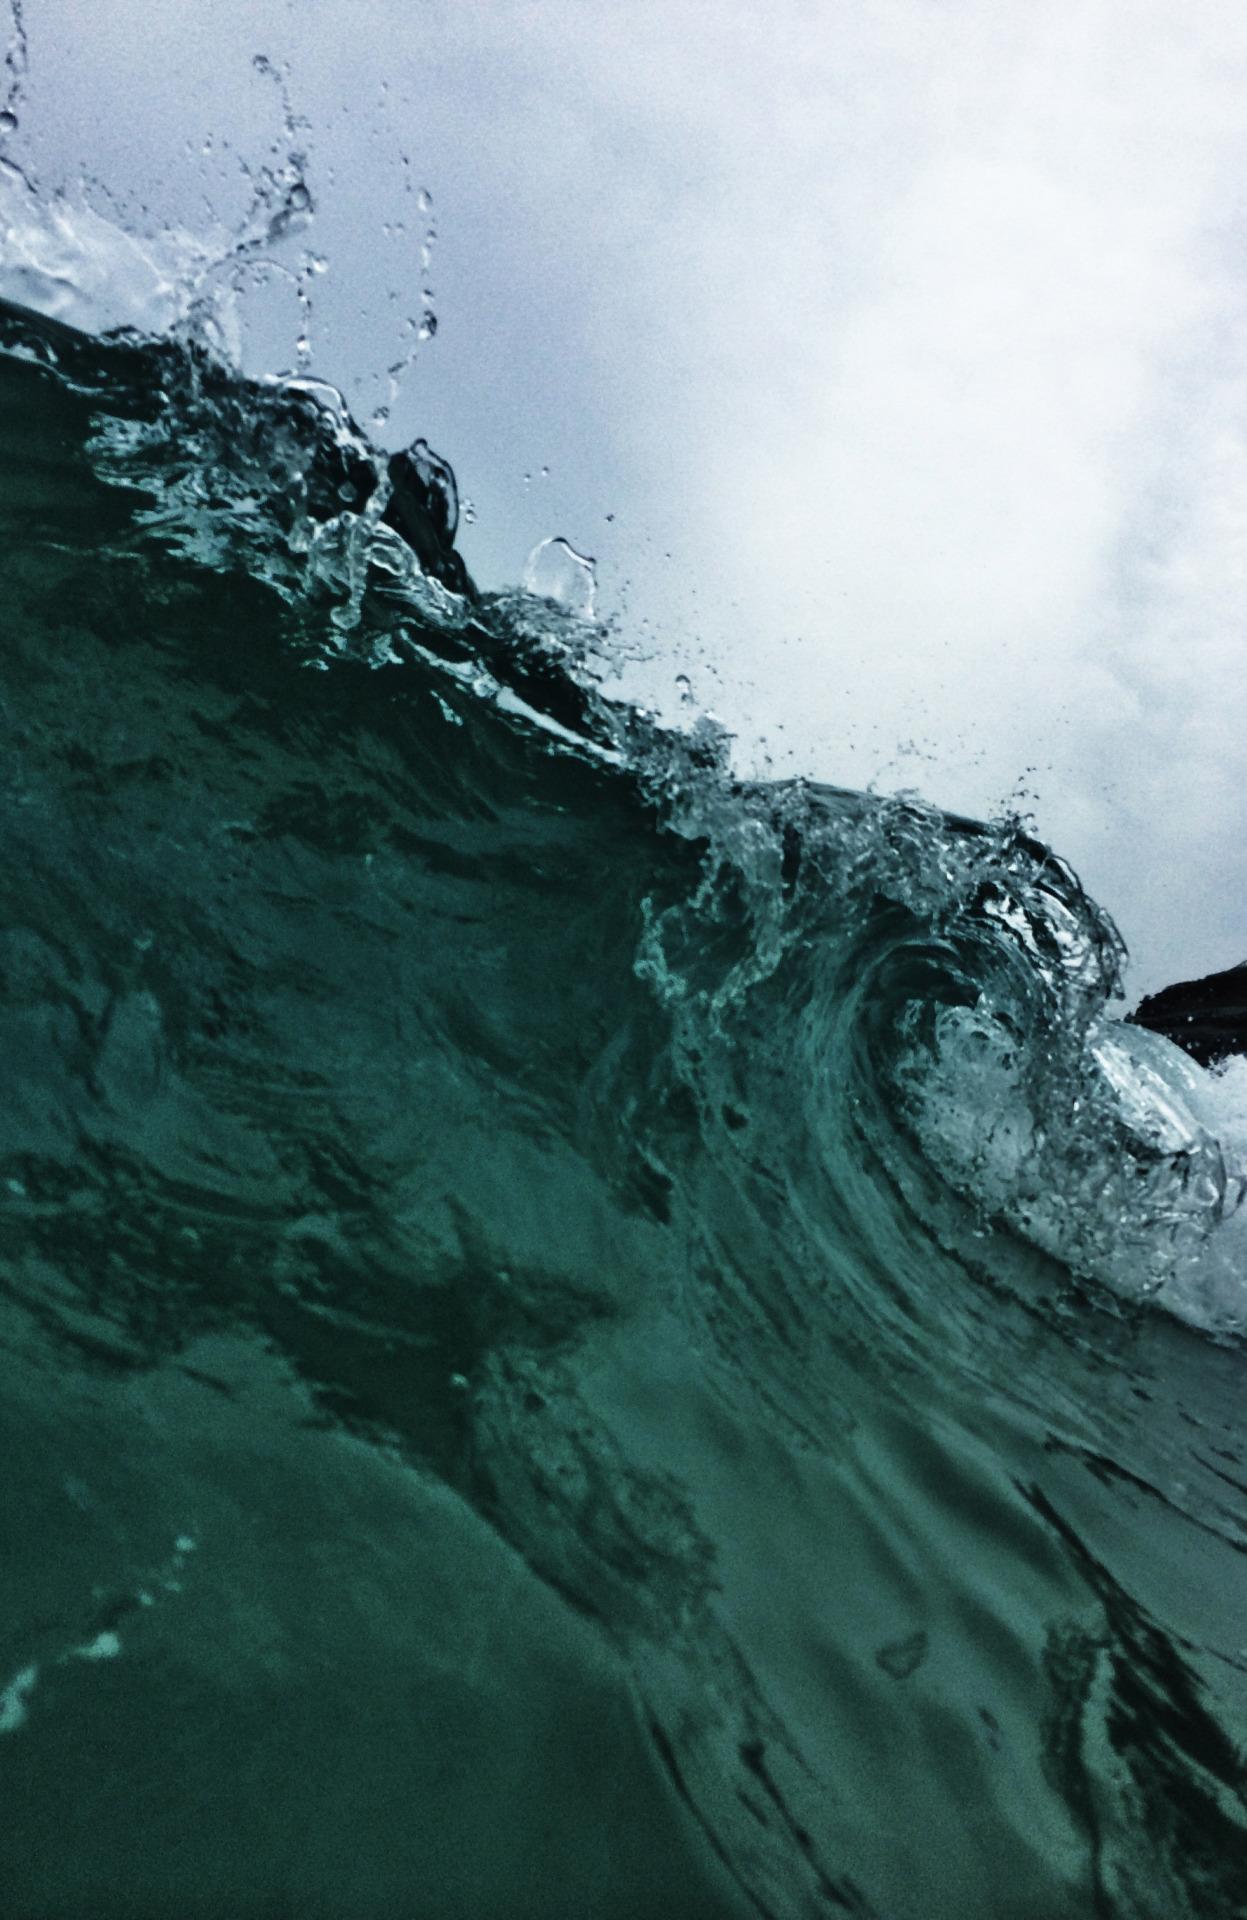 tamarama wave